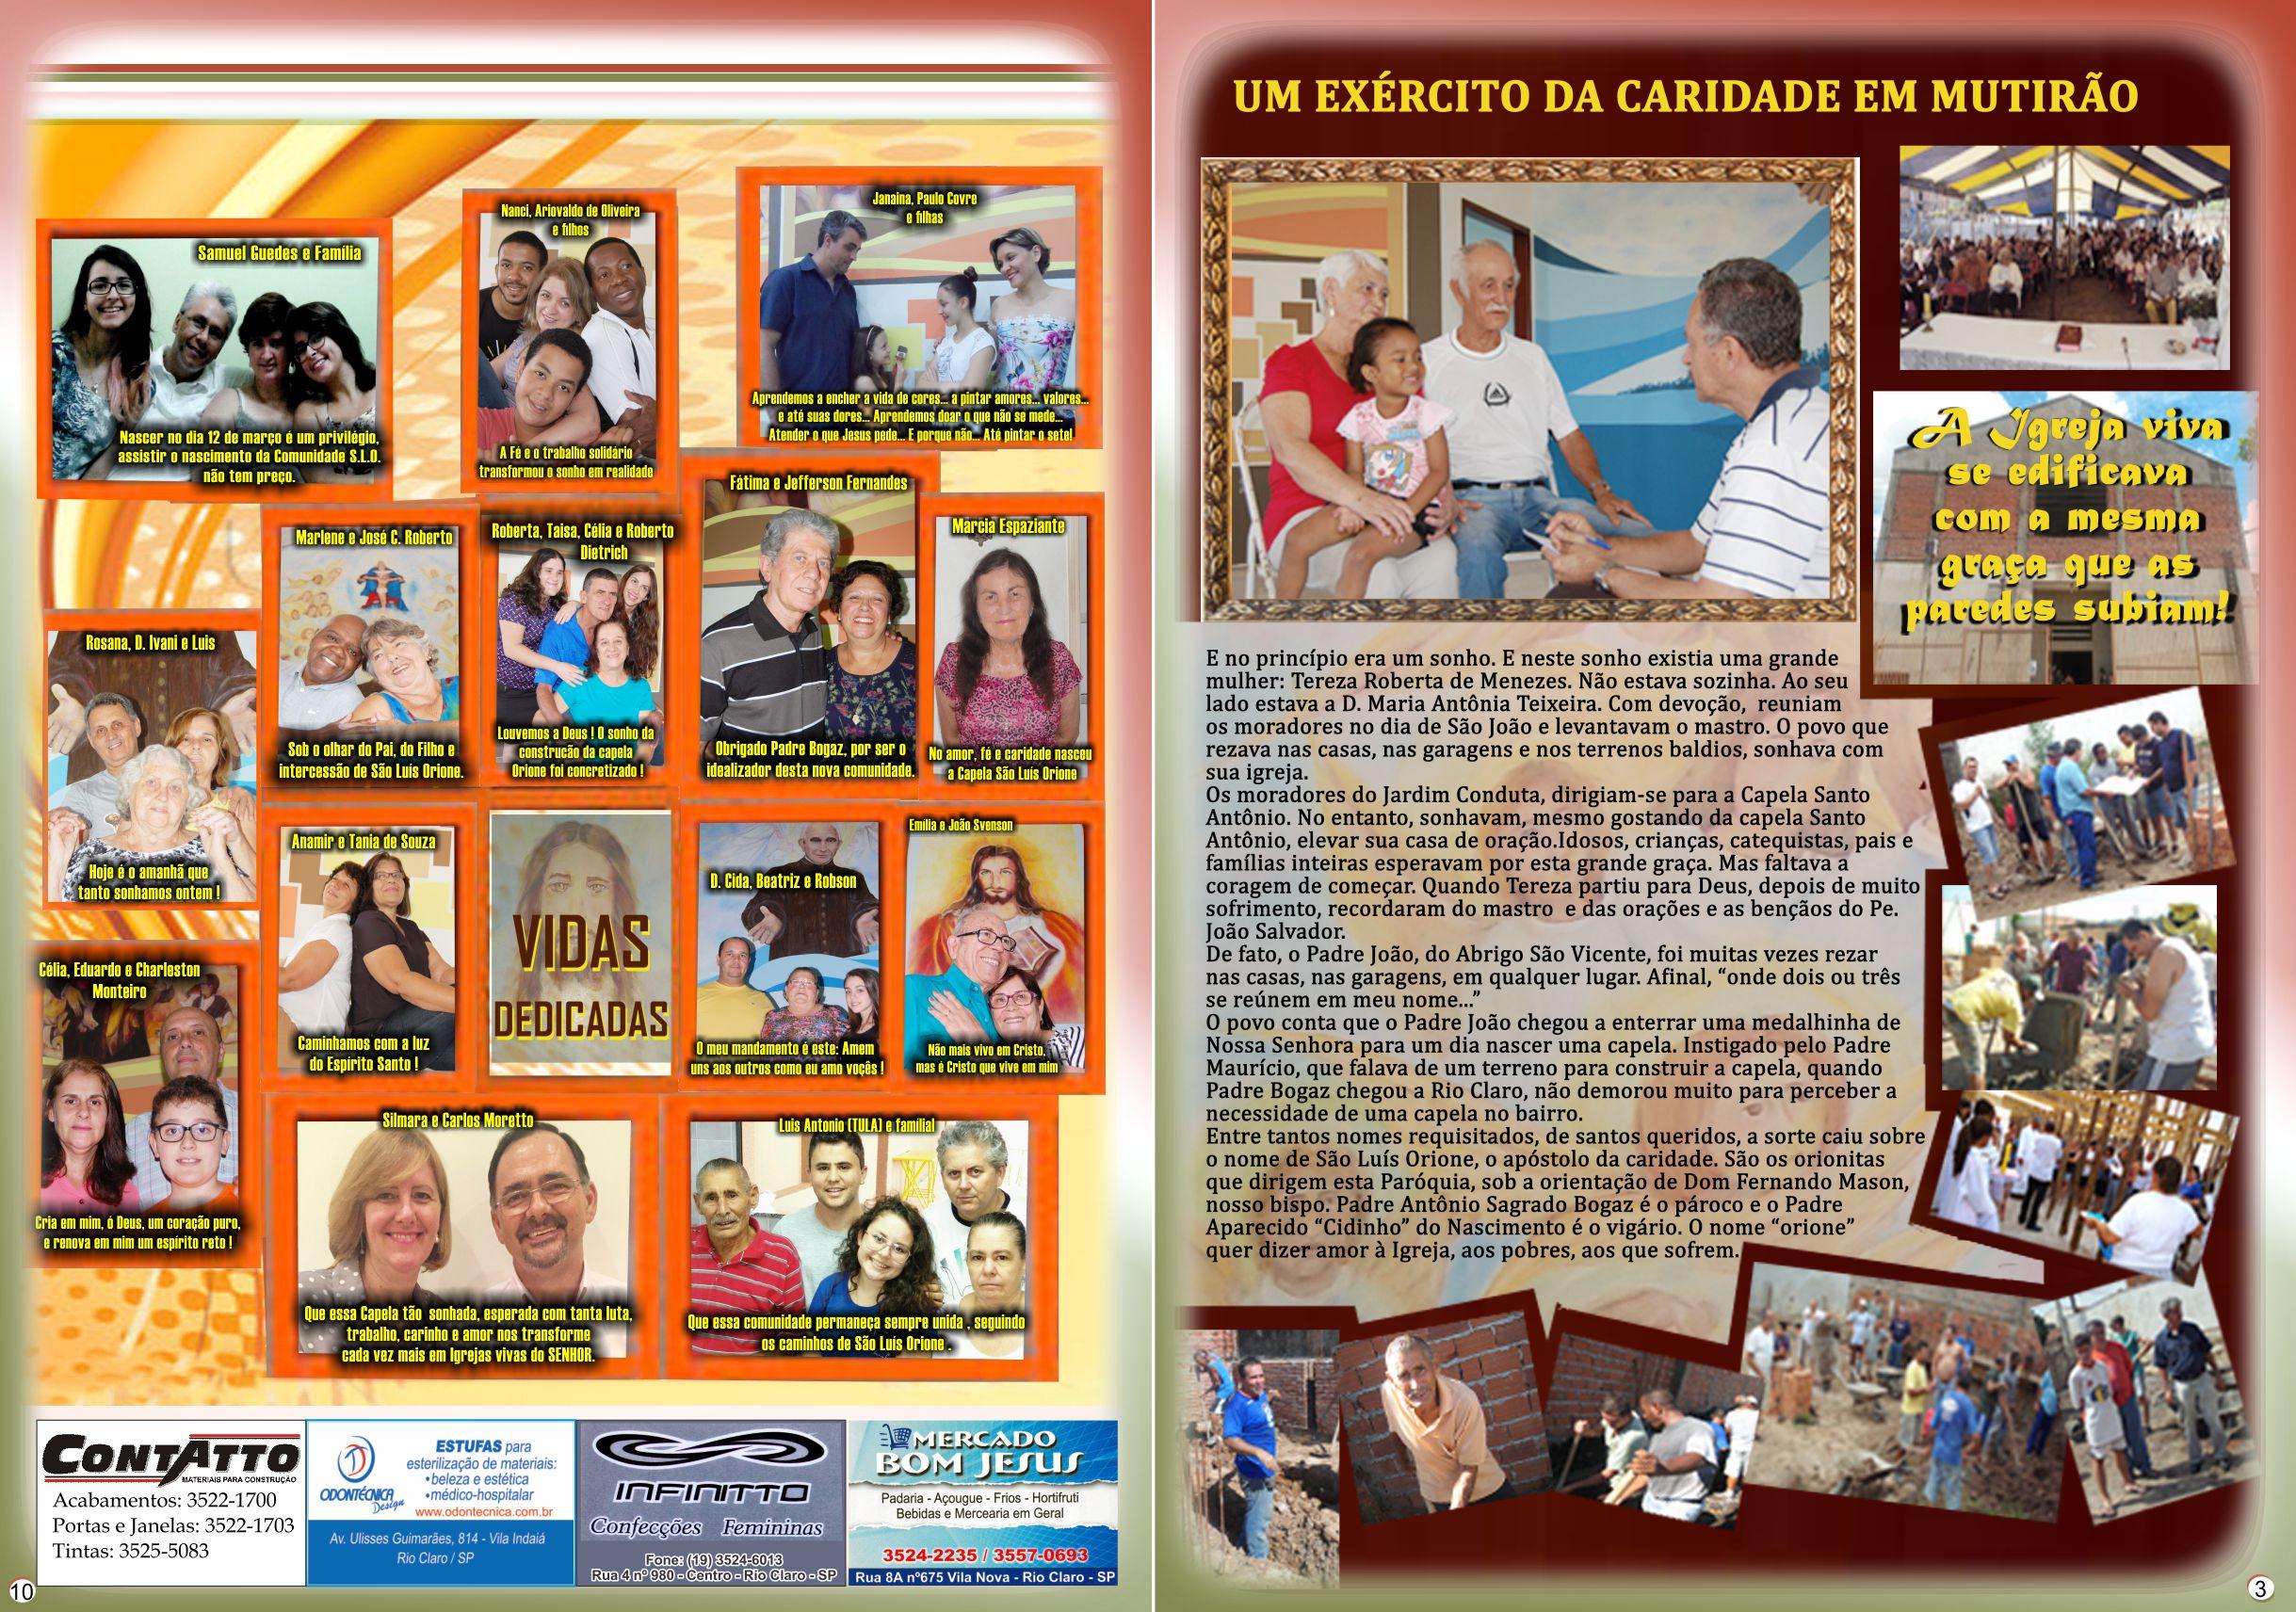 Pagina_3_10 (2)